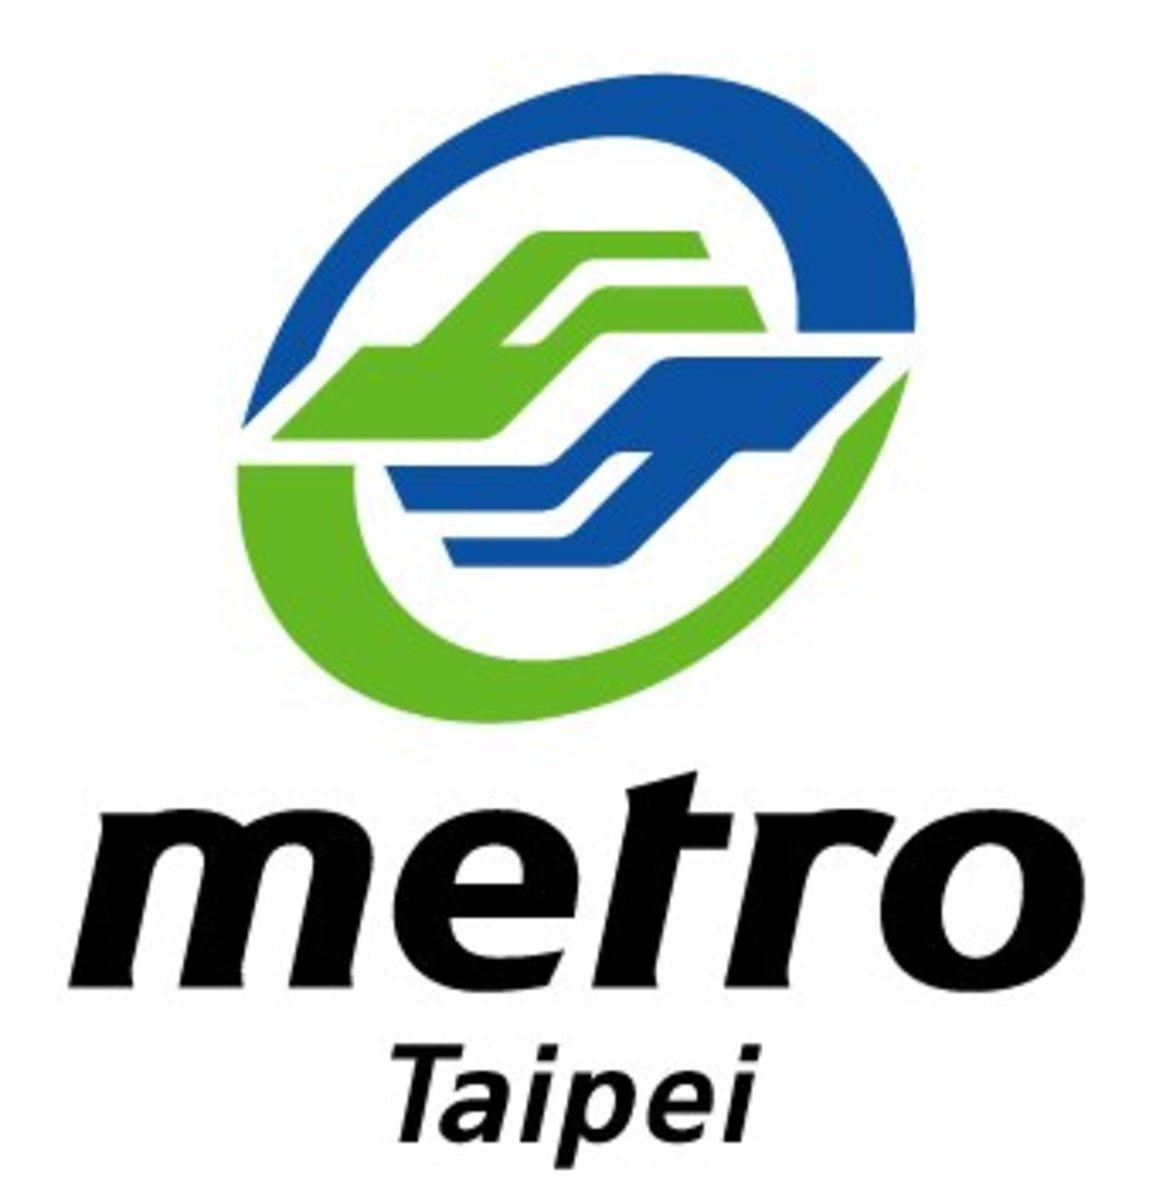 Taipei Metro's logo